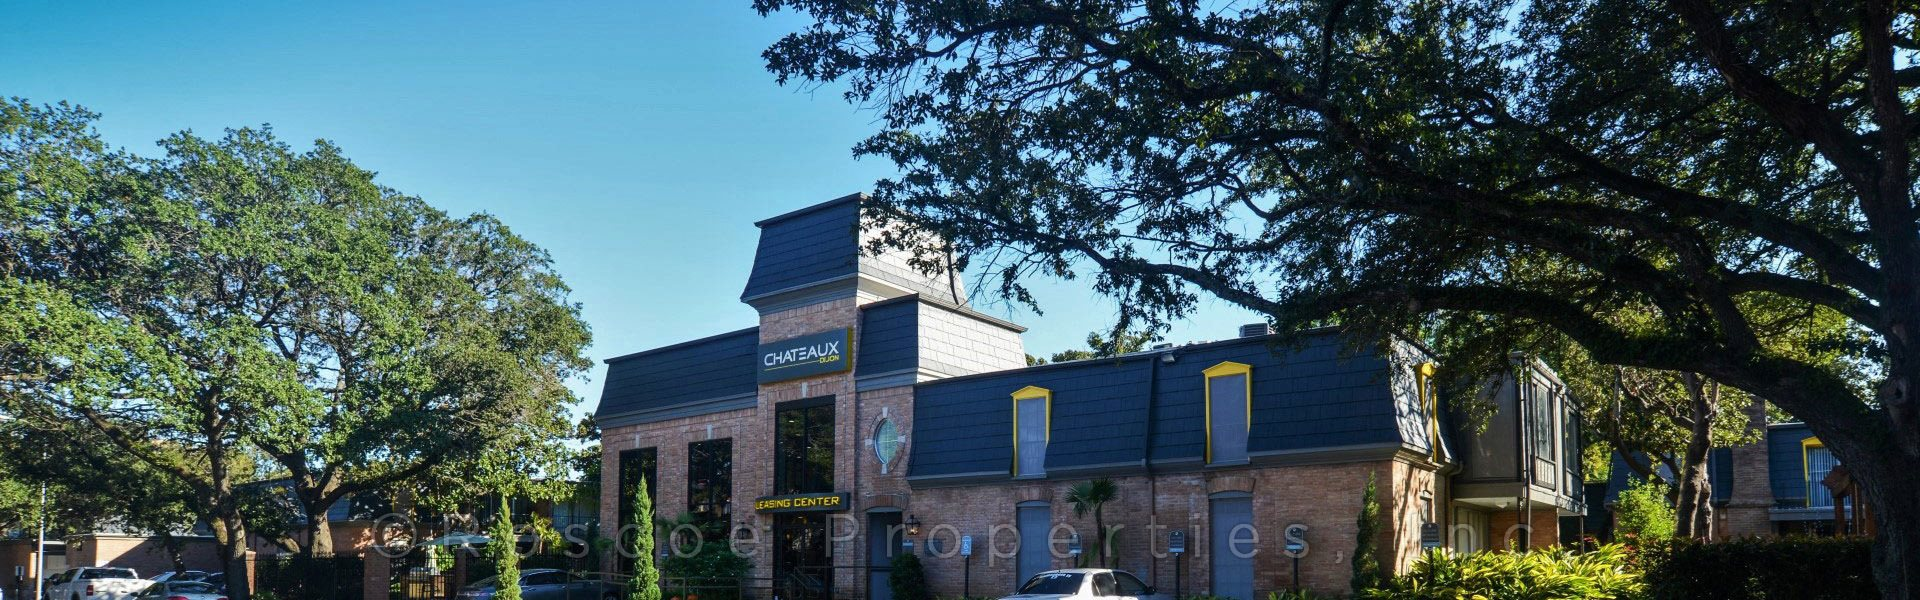 Chateaux Dijon banner 1